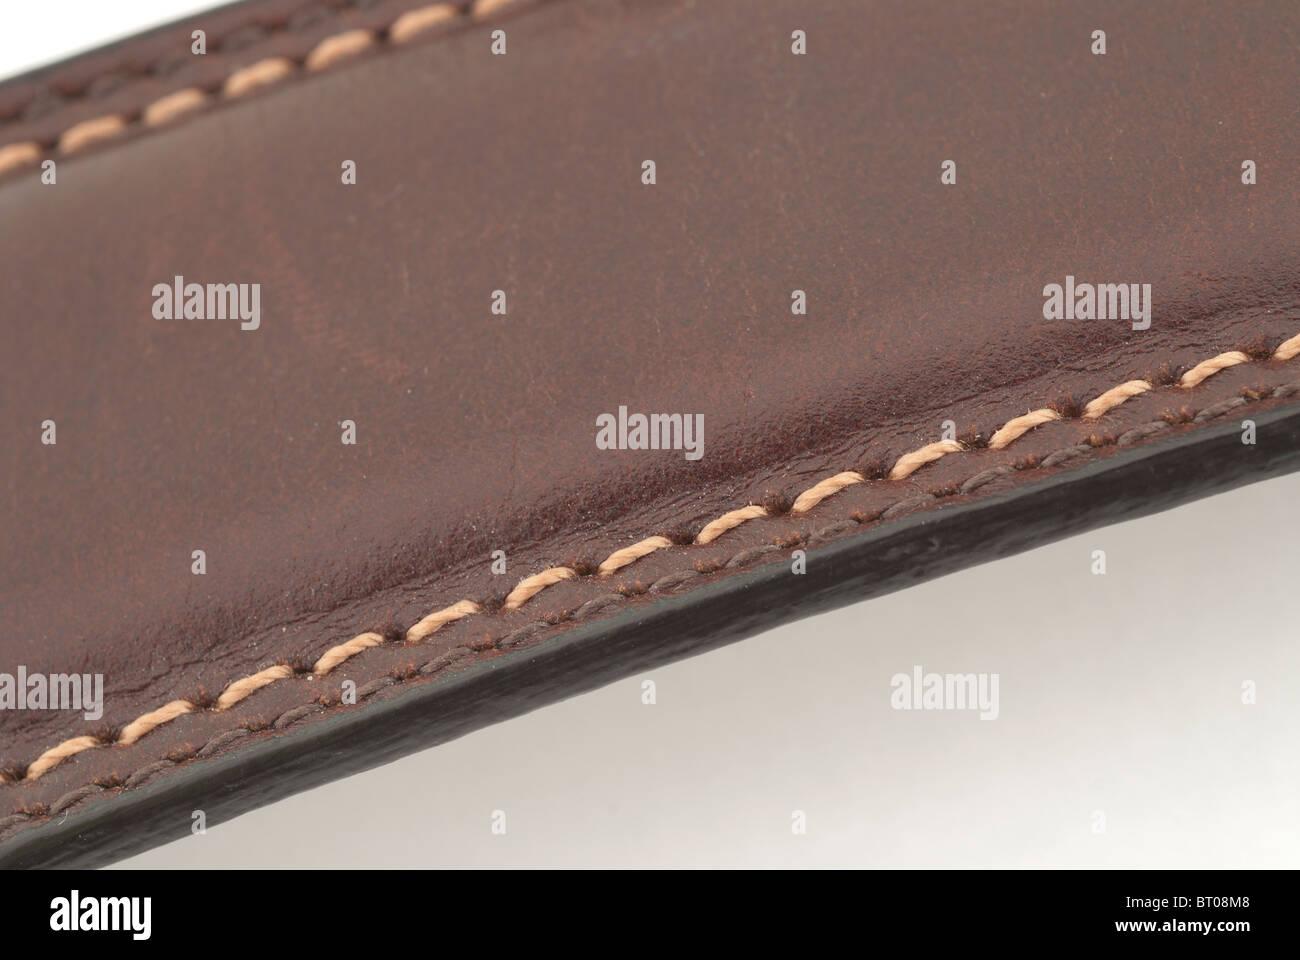 Stitches on Leather Belt - Stock Image